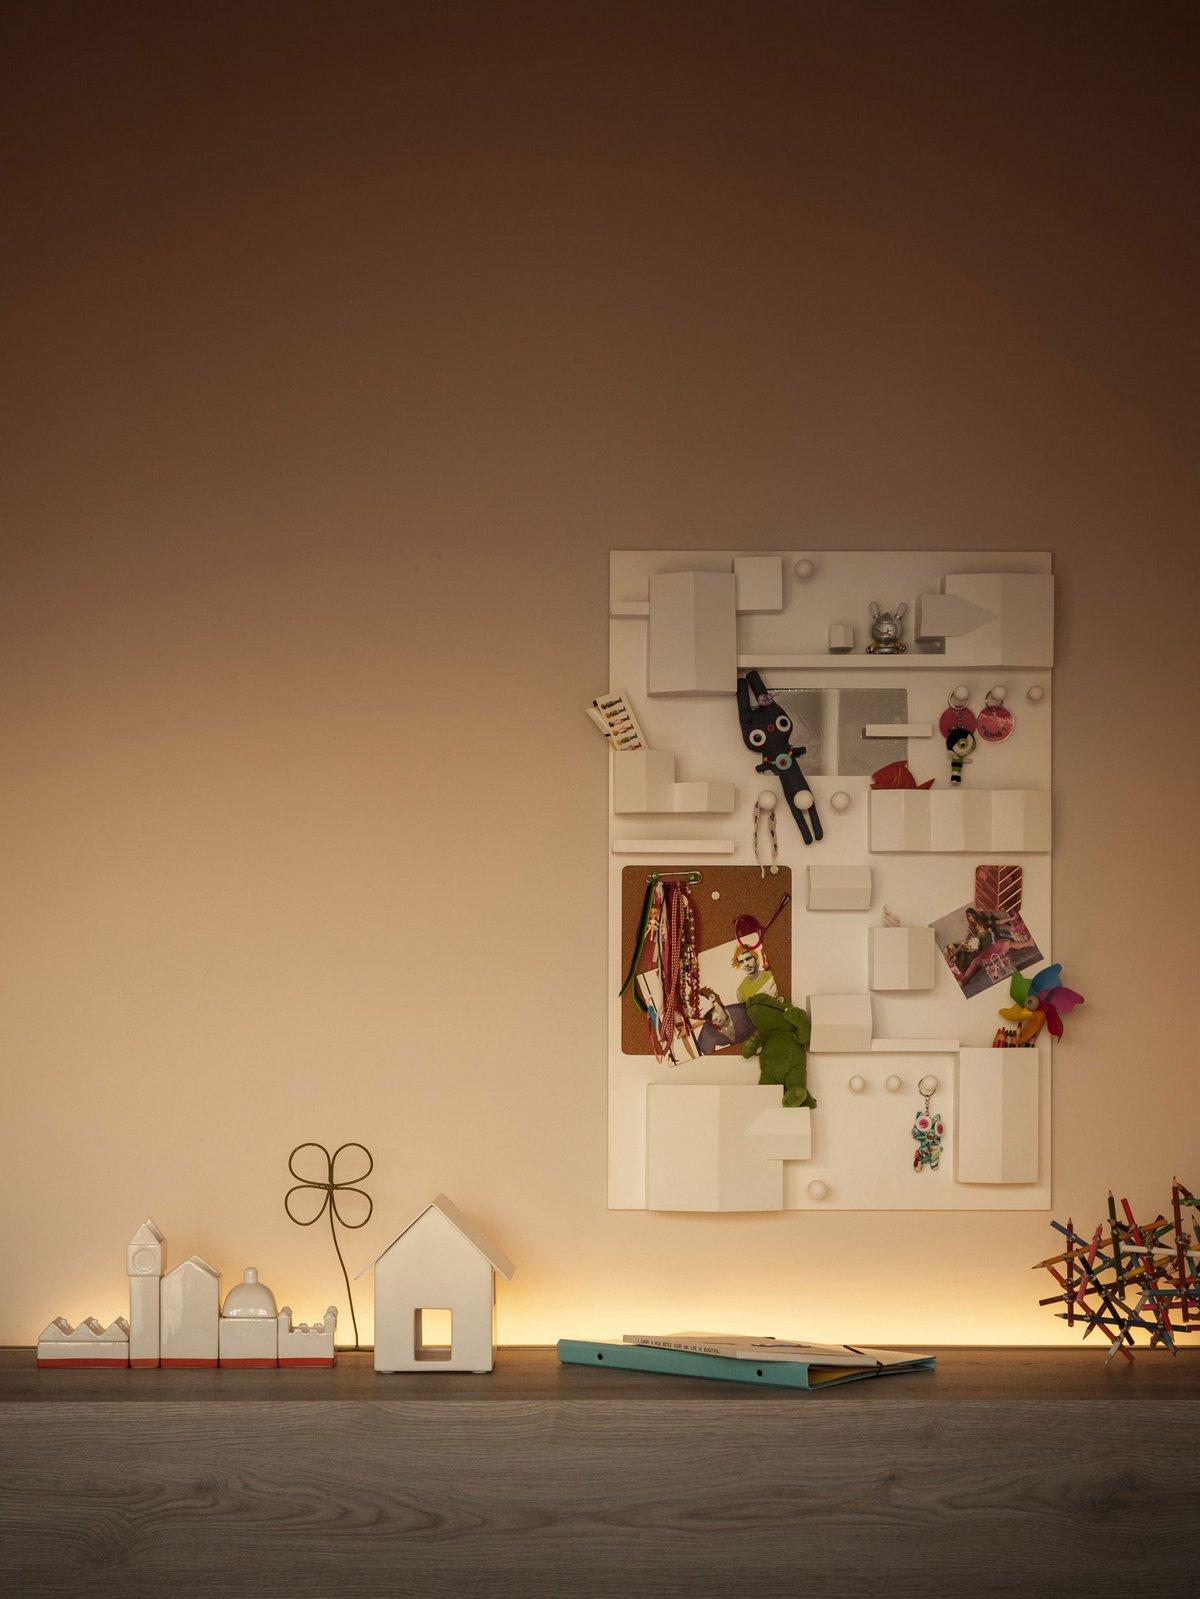 Фотограф Beppe Brancato, квартира City Life, Matteo Nunziati, квартира в Милане, проект квартиры в Италии, скрытое освещение, светодиодное освещение